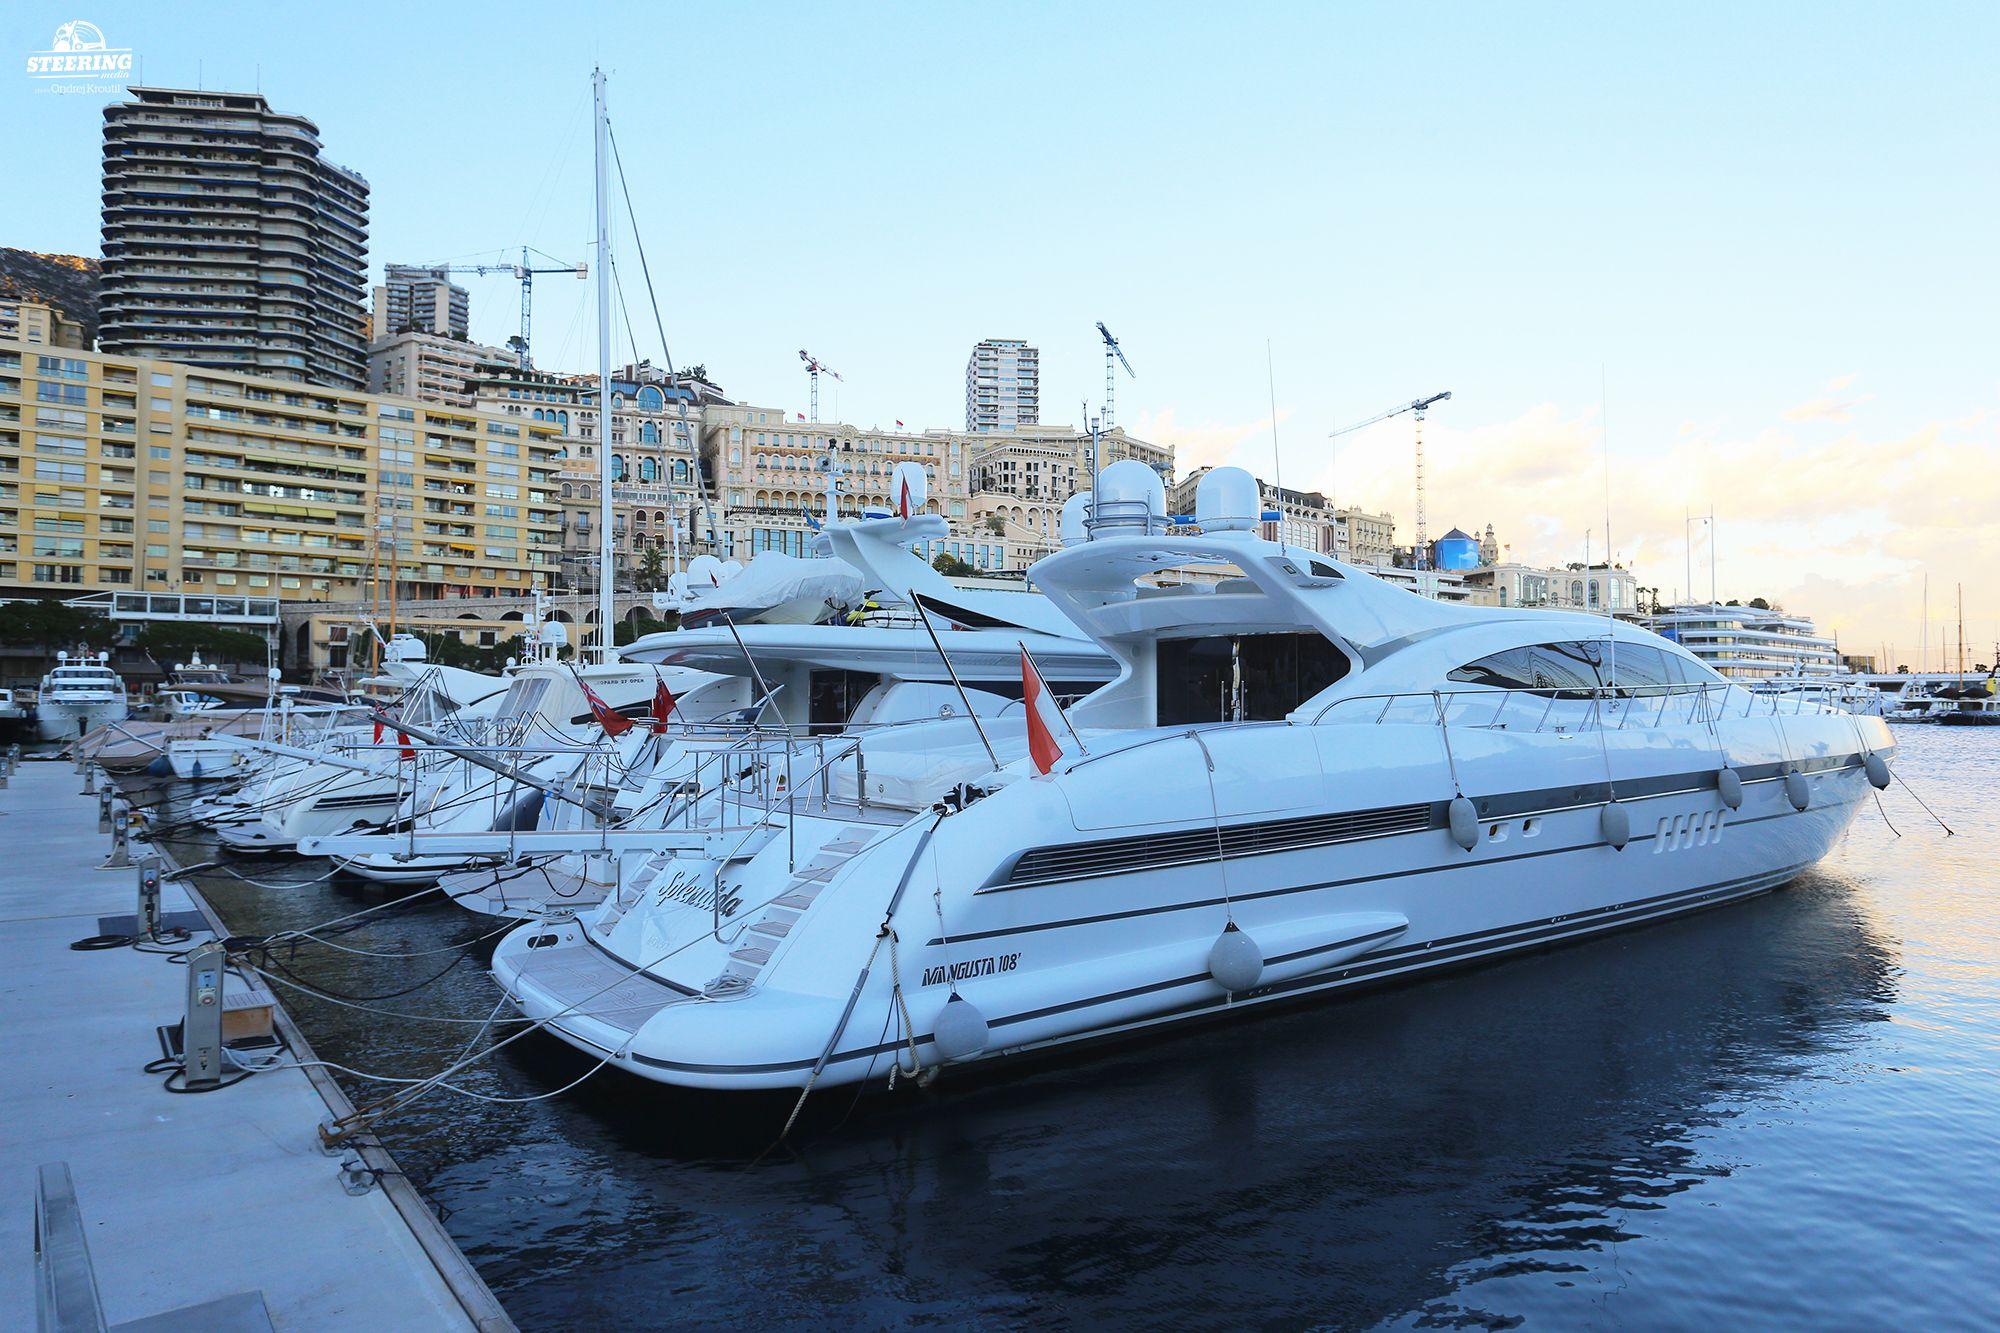 Yacht_Mangusta 108